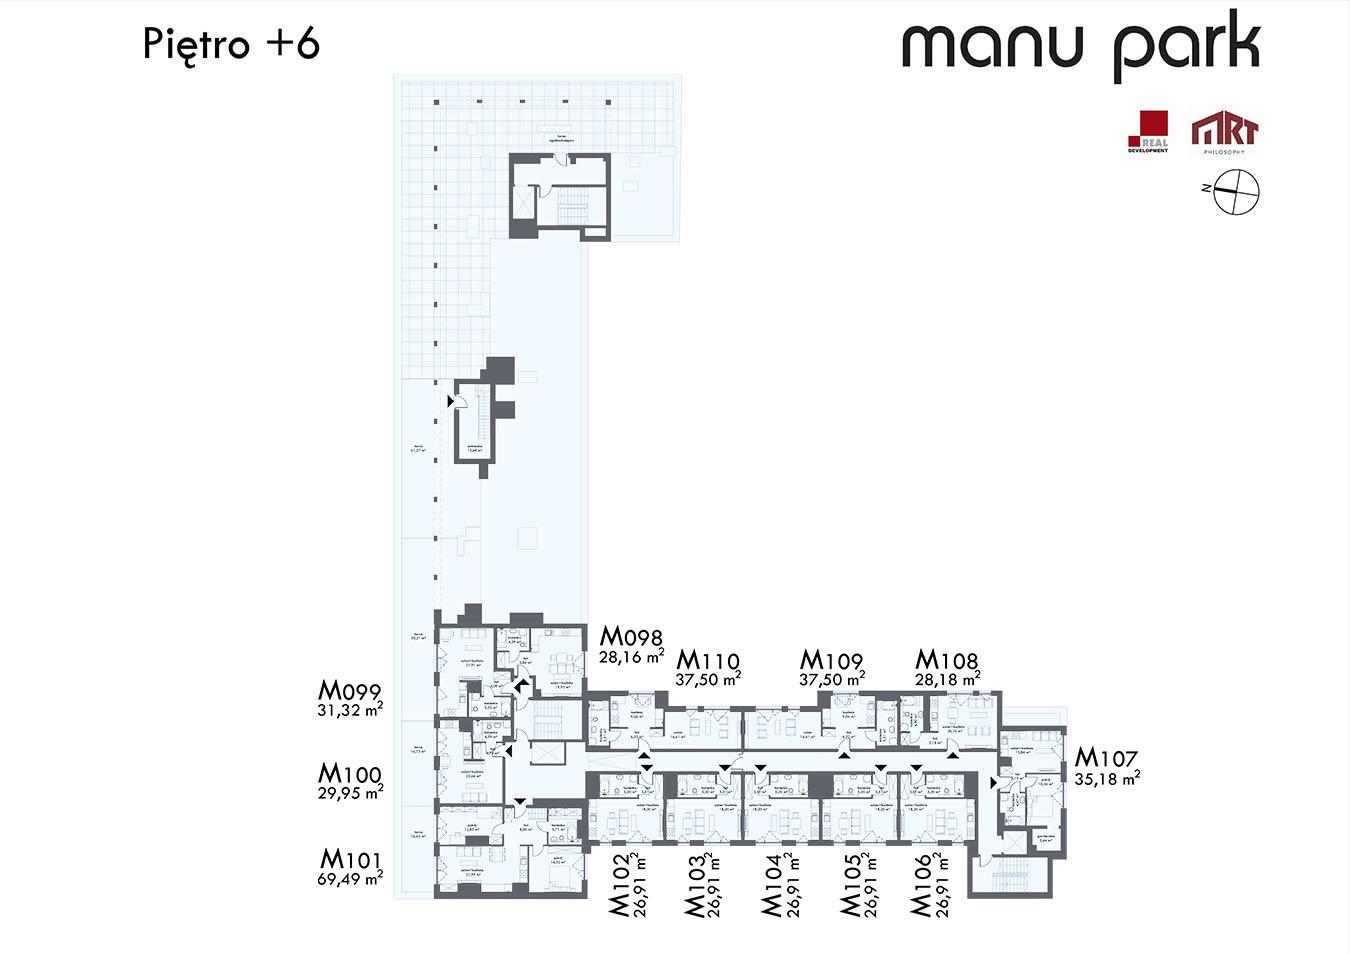 MANU PARK - Piętro 6